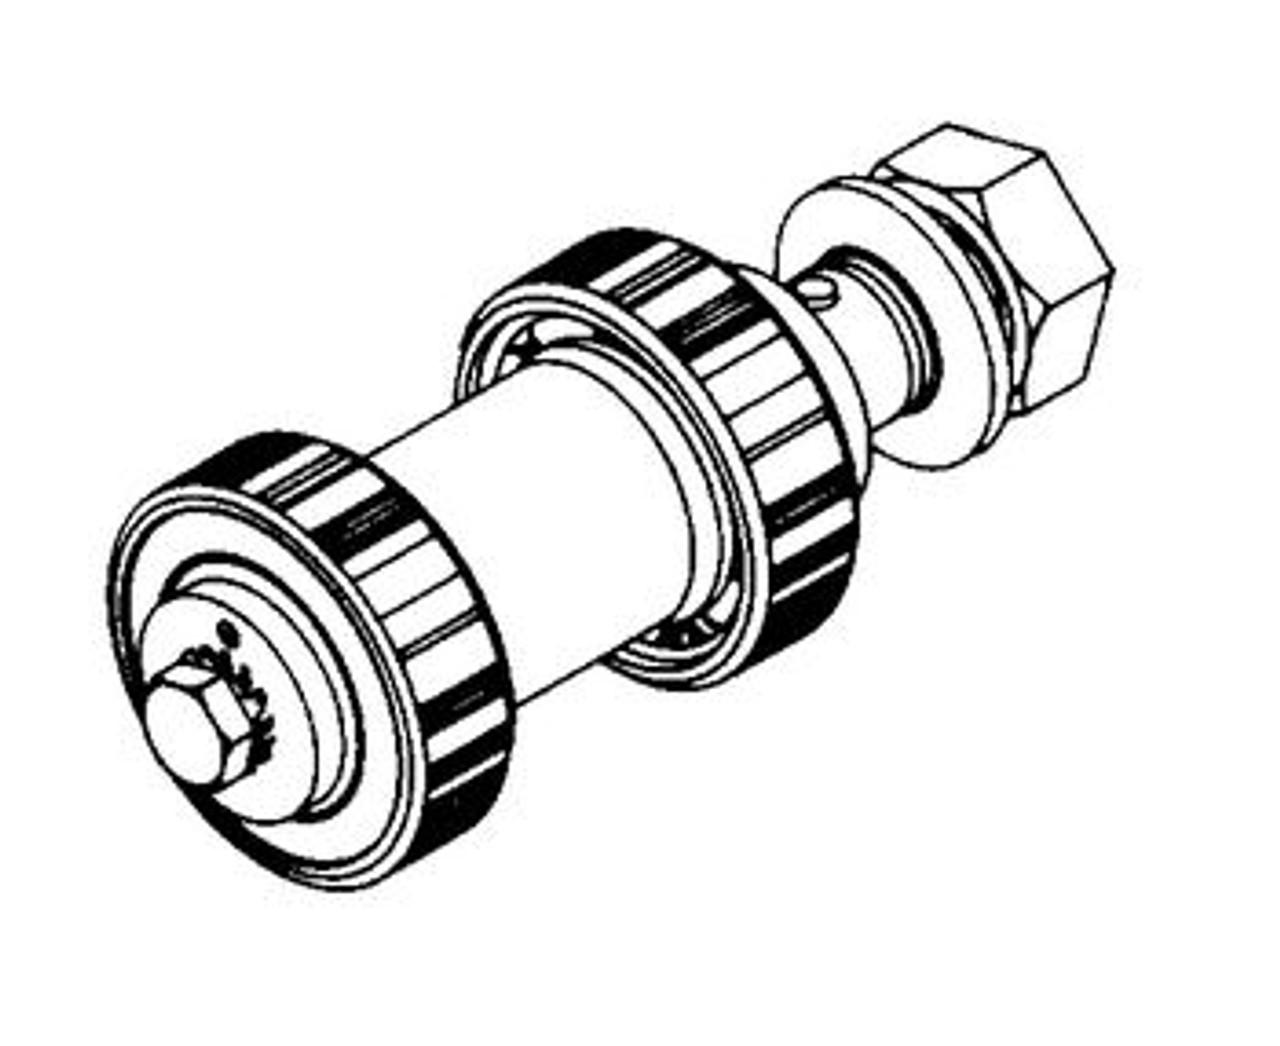 Butcher Boy B12,B14,B16,SA16, & SA20 - Upper Shaft & Bearing Assembly - BB019A-7/N